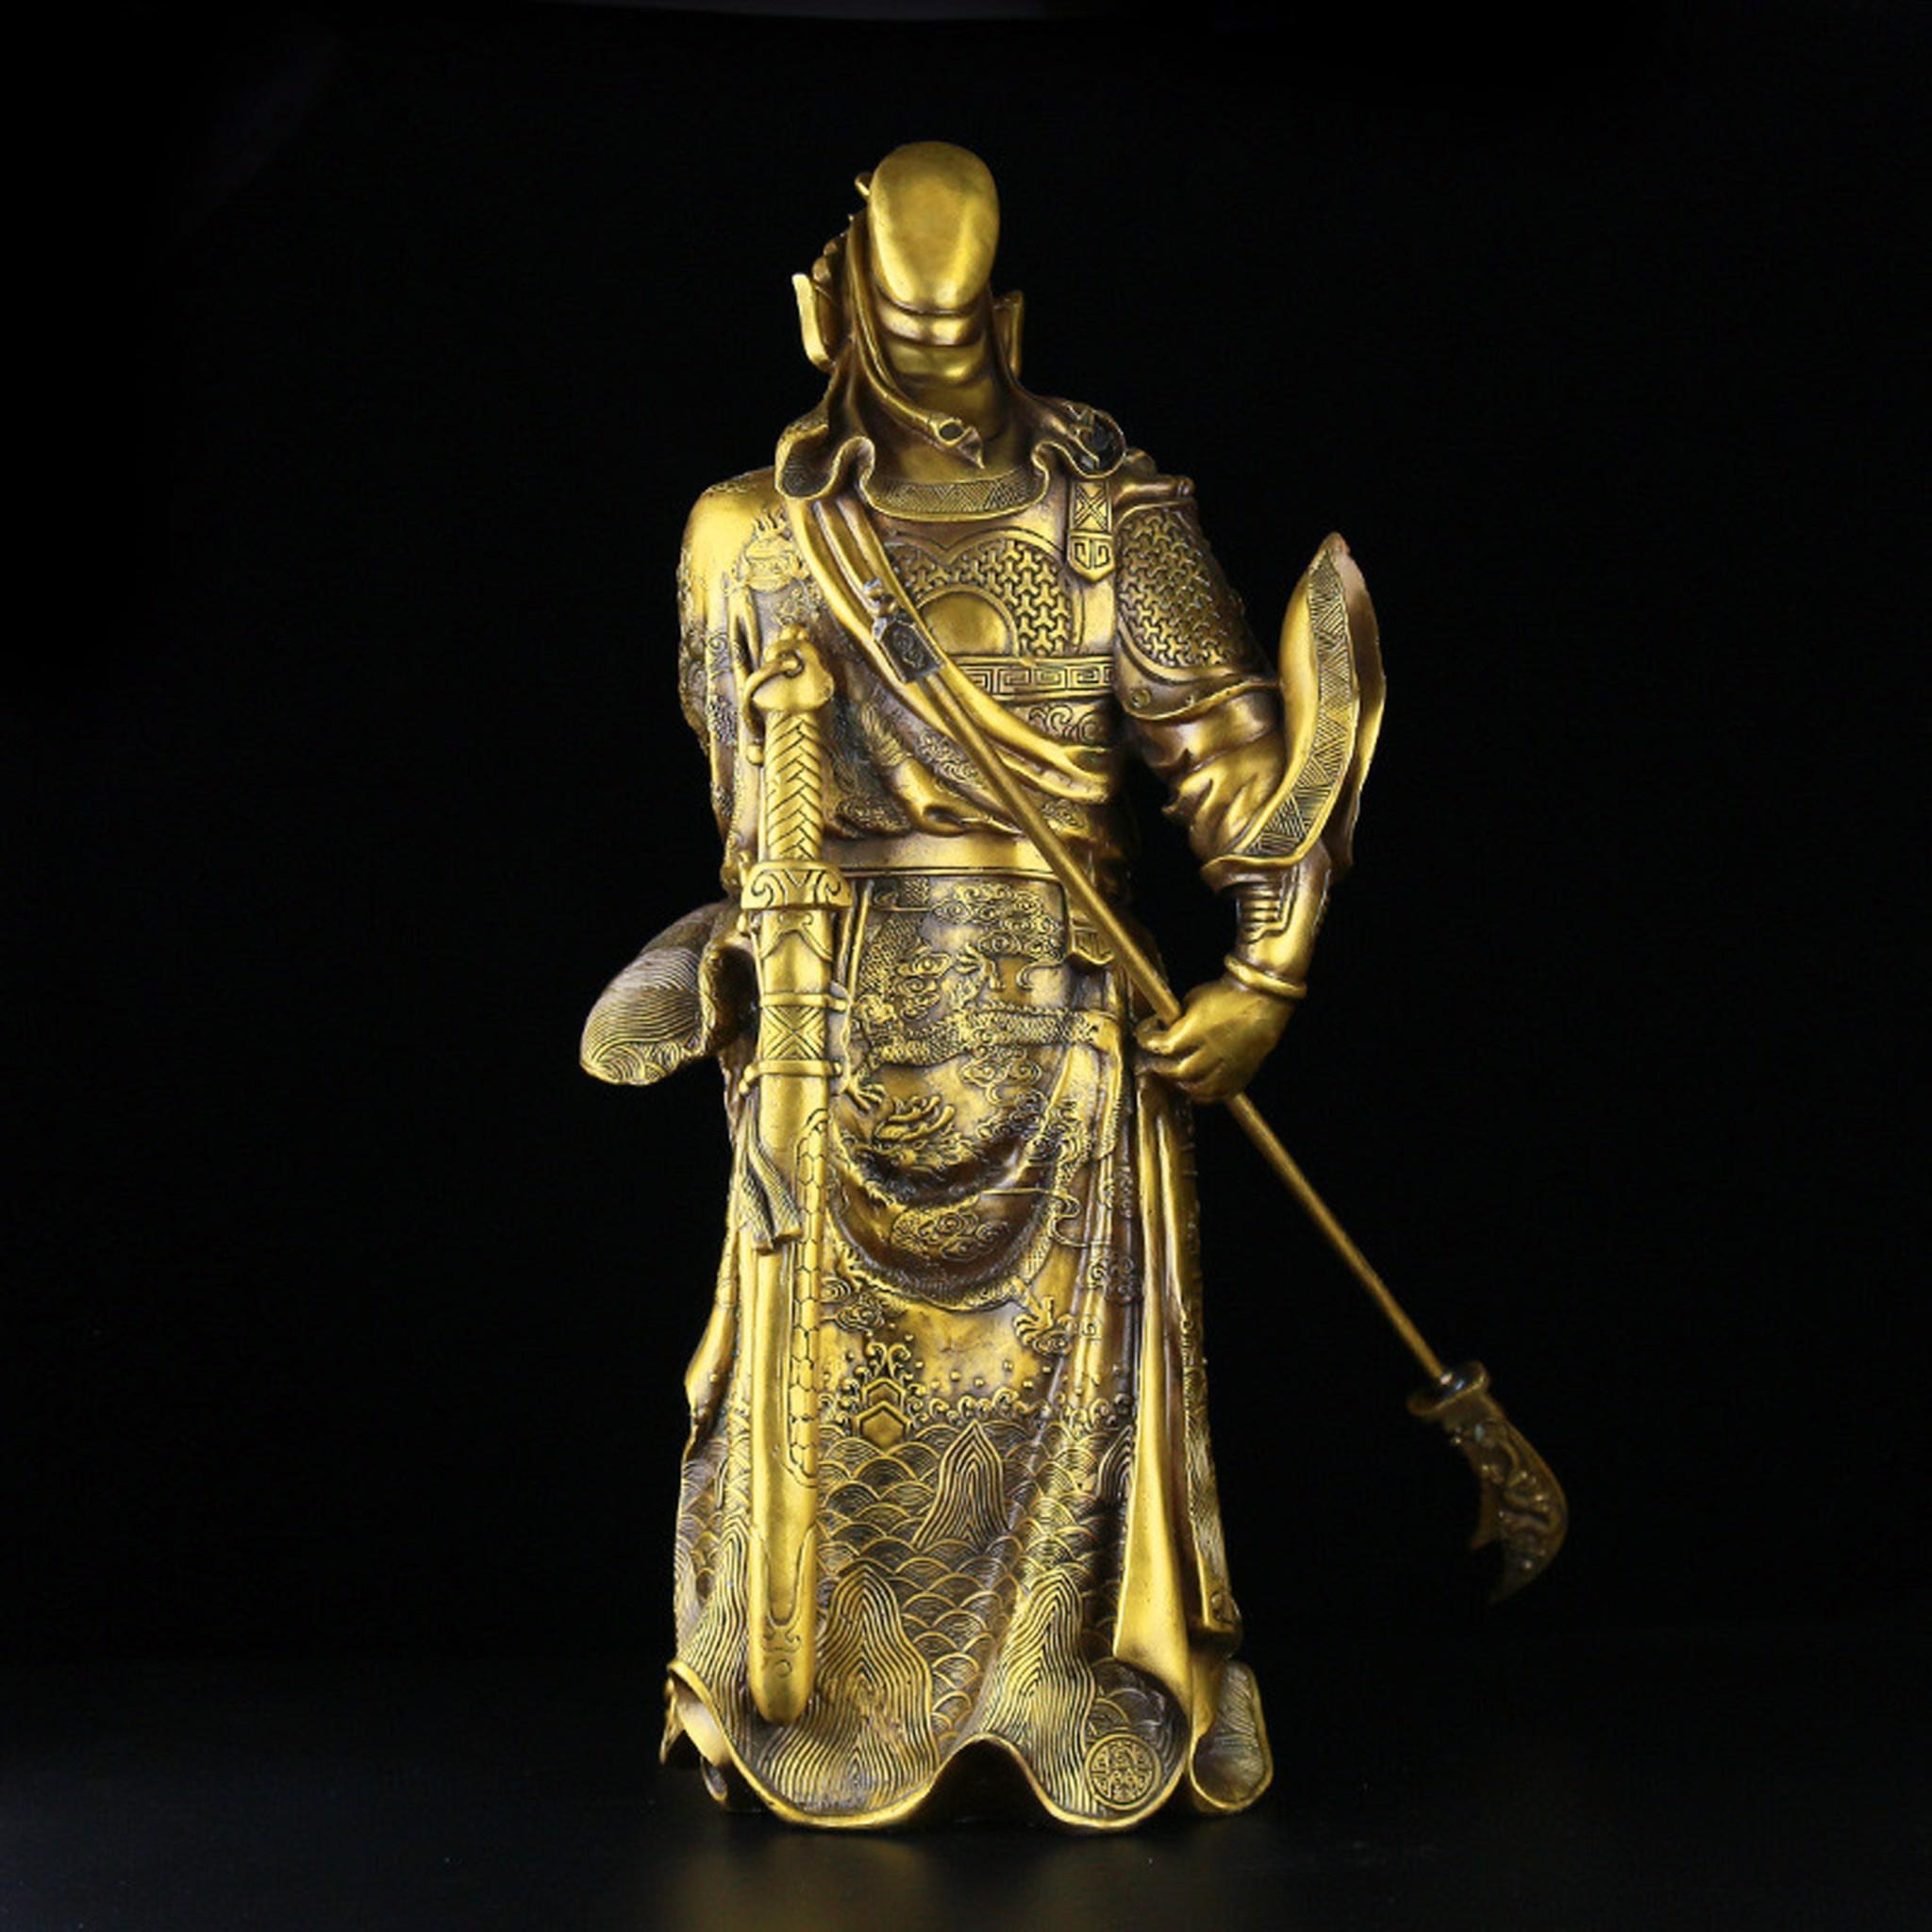 Tượng quan công trấn ải bằng đồng cao 60cm nặng 11,5kg